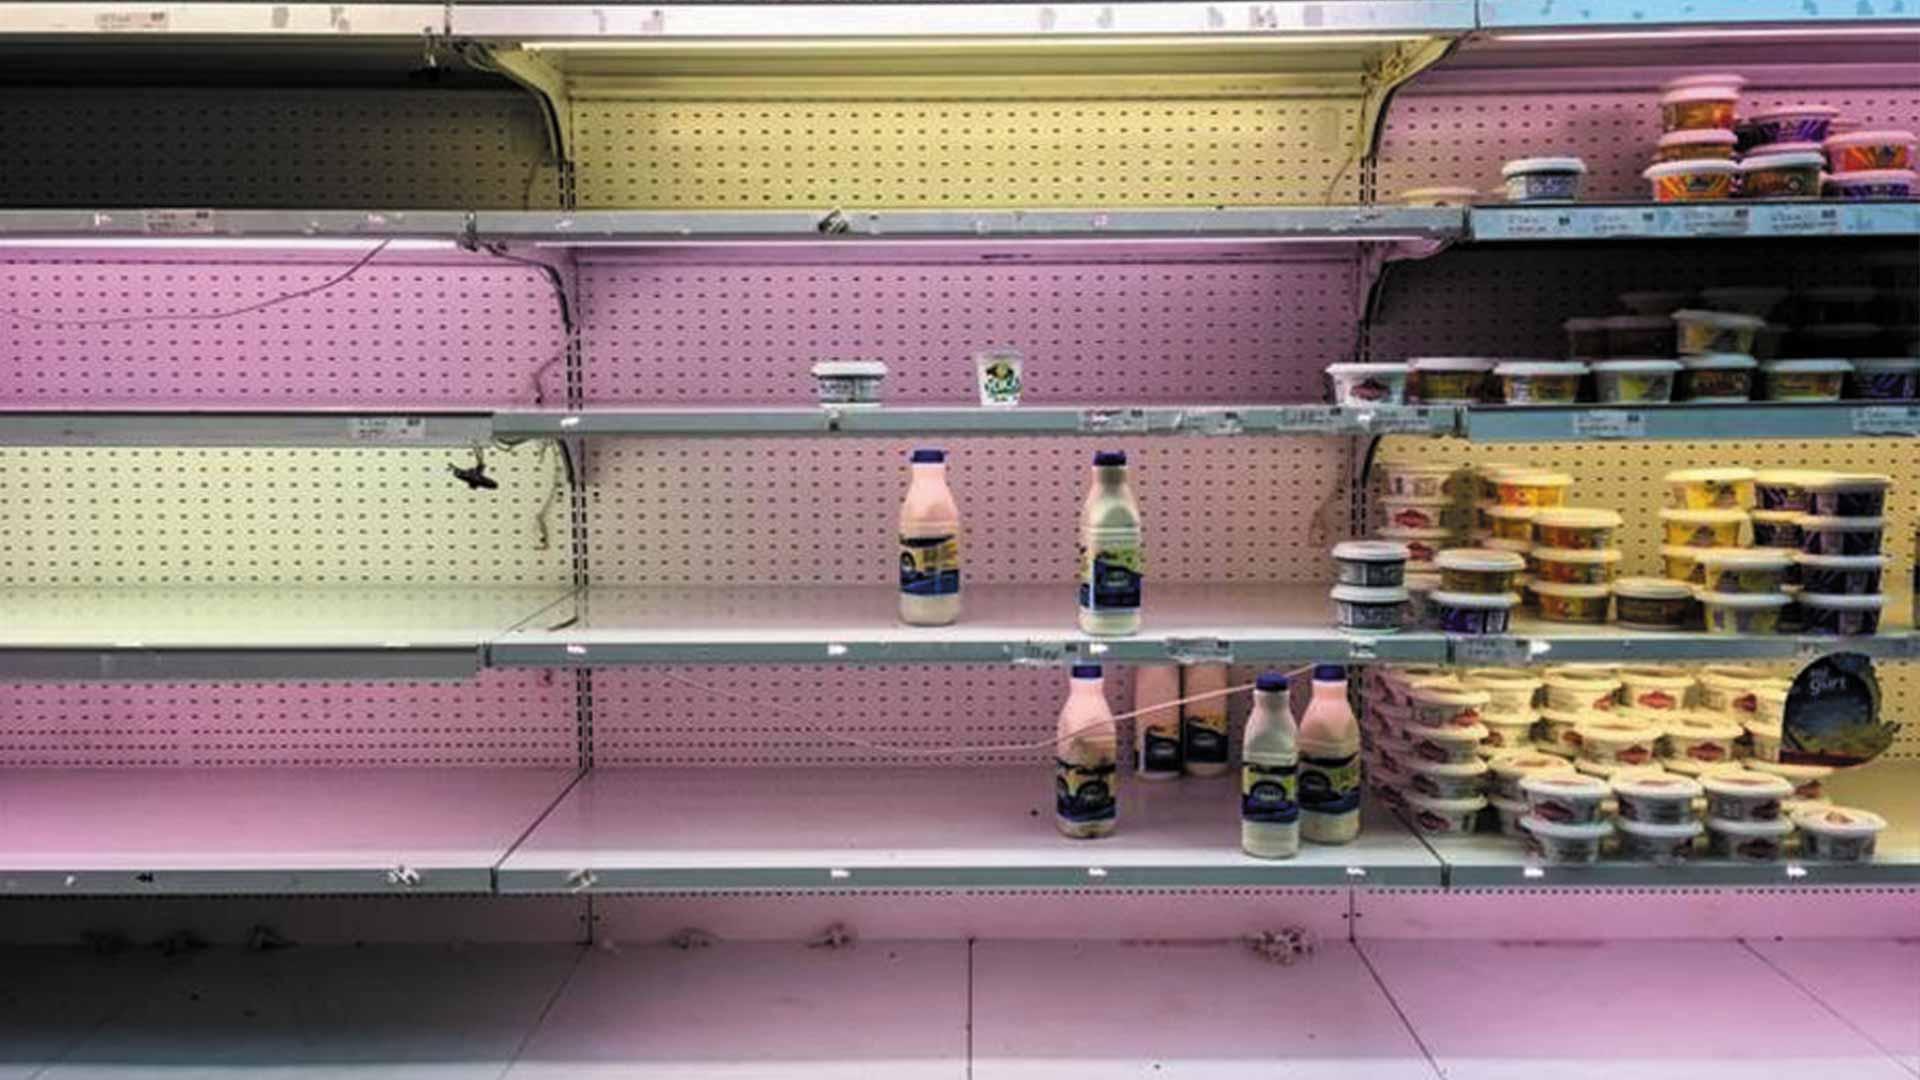 Desabastecimiento en Venezuela - Noticiero de Venezuela